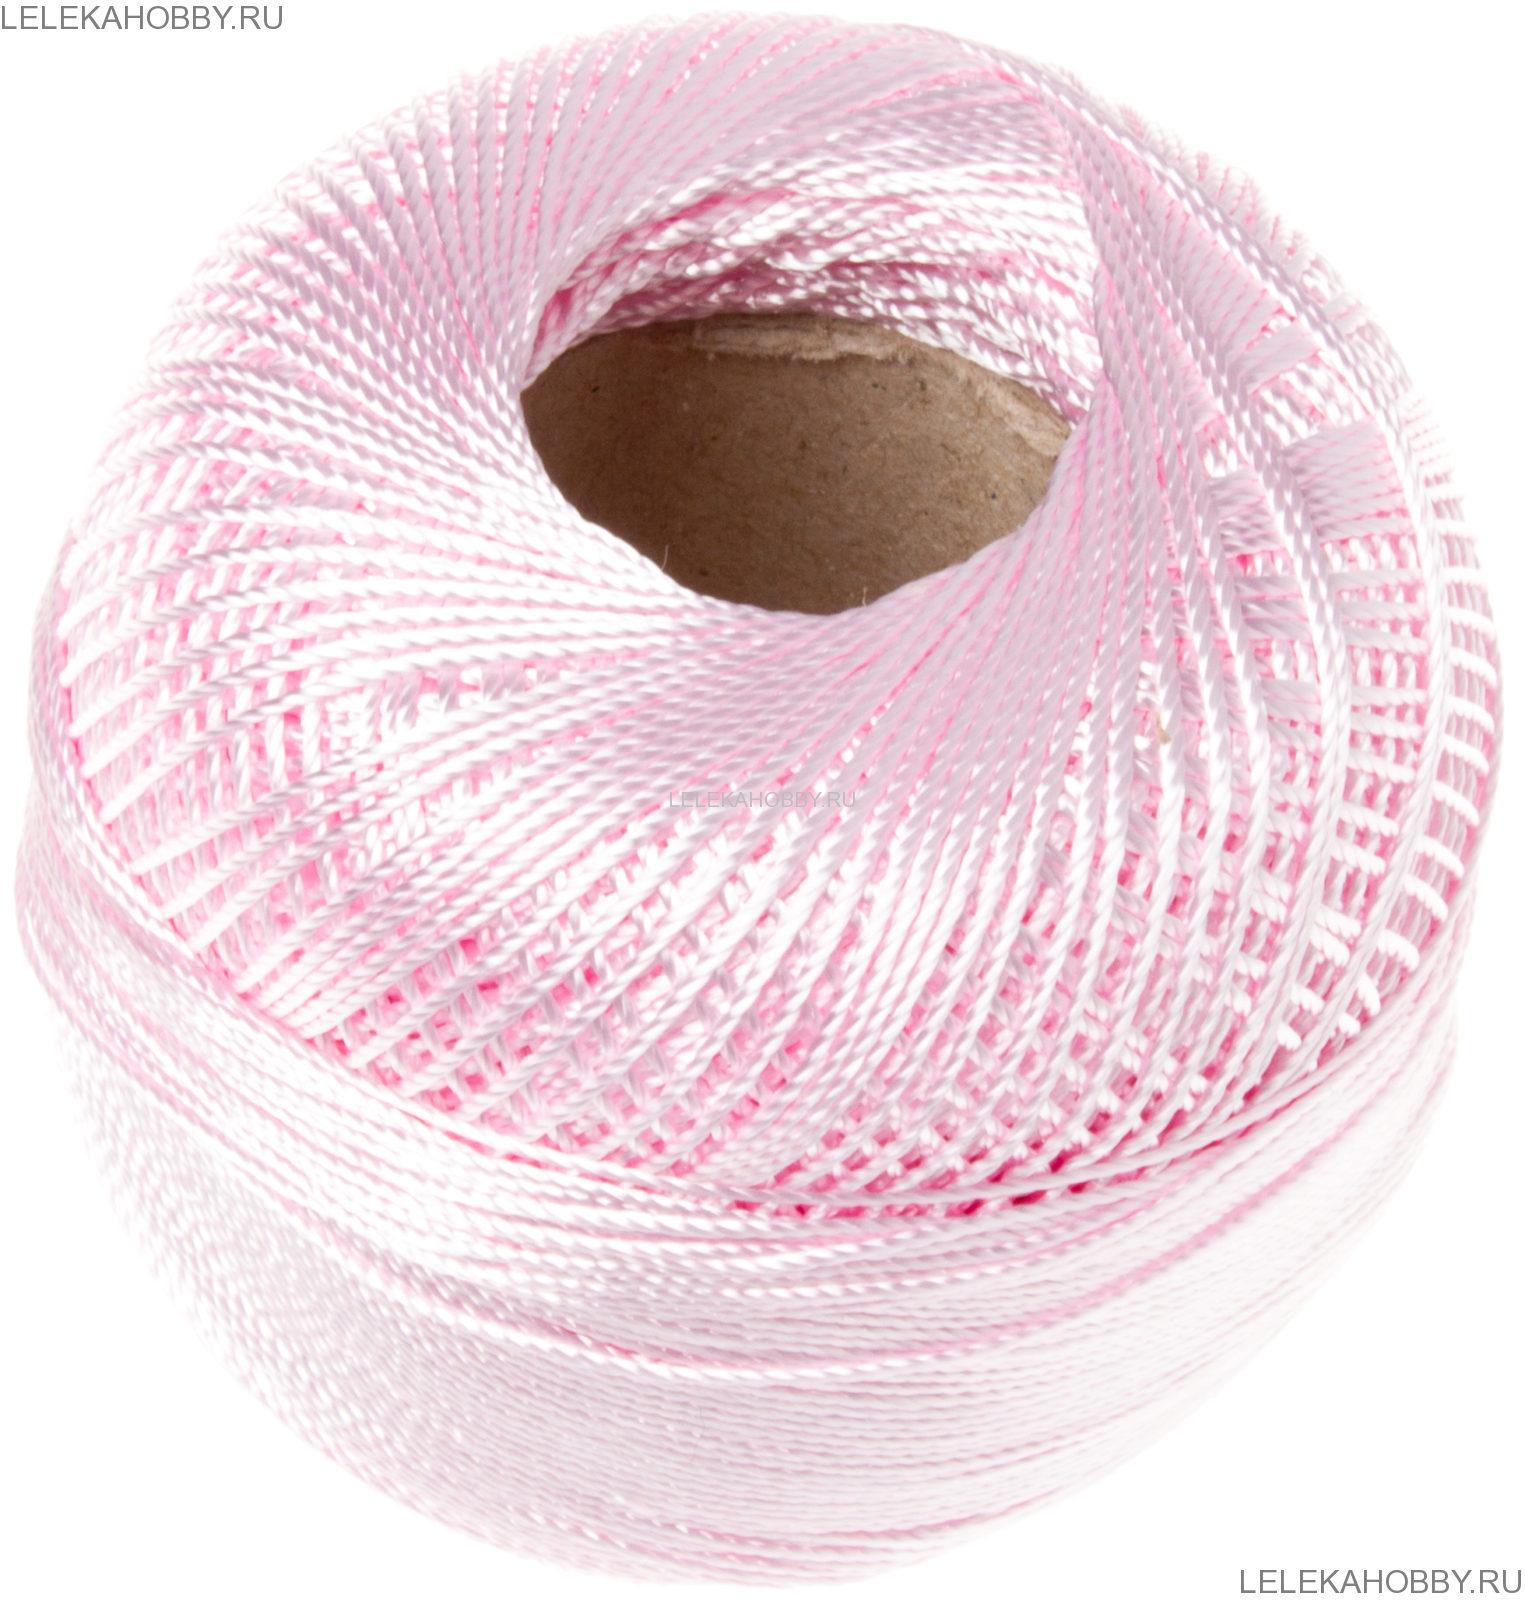 аллергия на пряжу из шерсти